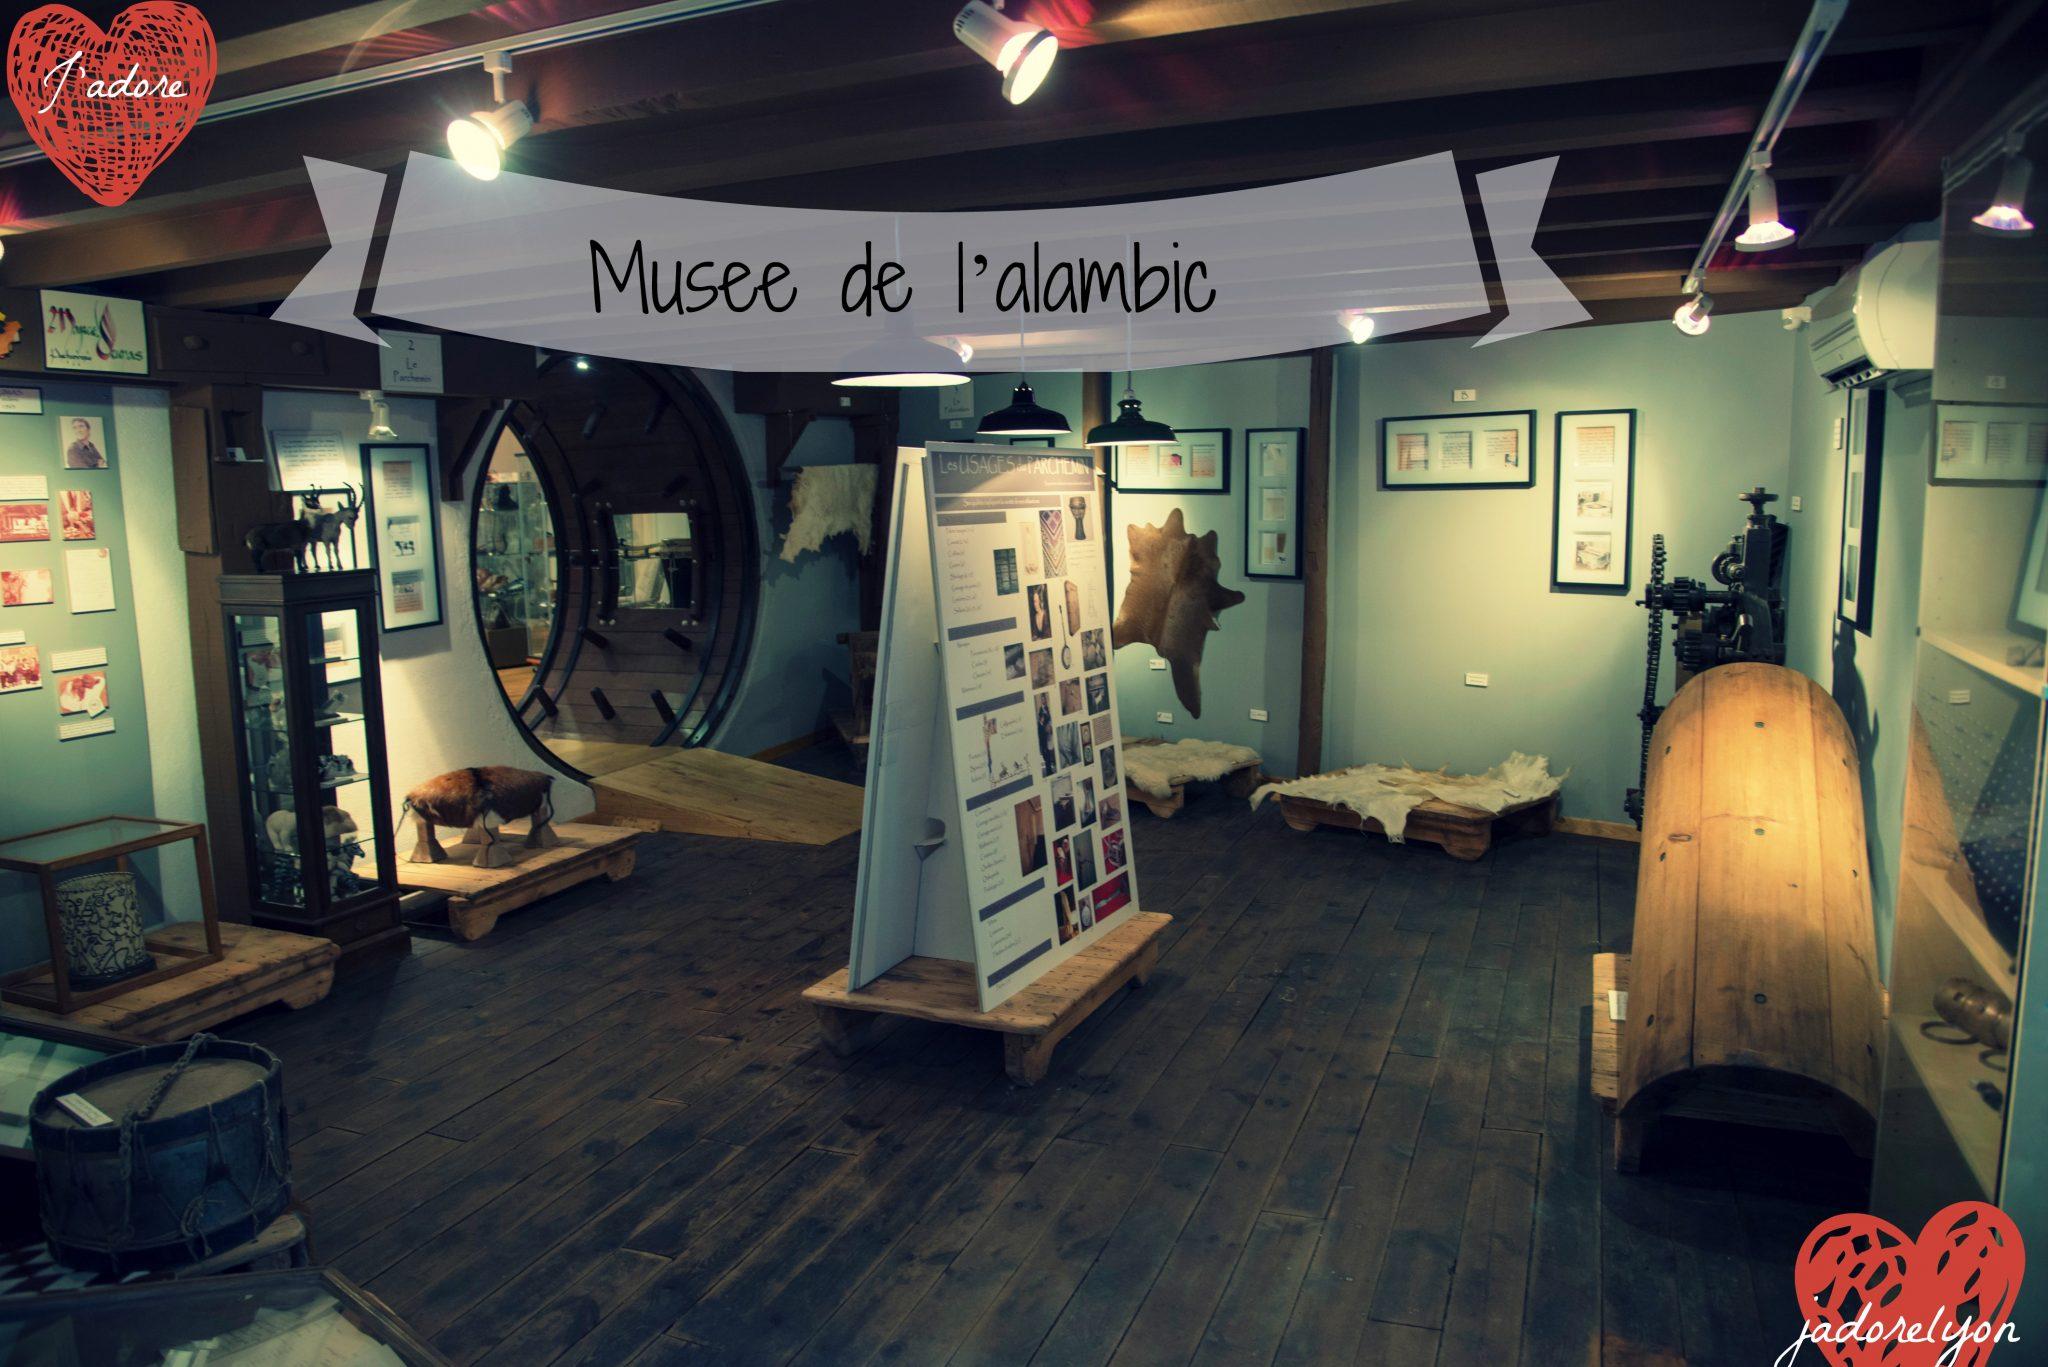 Musee de l'alambic